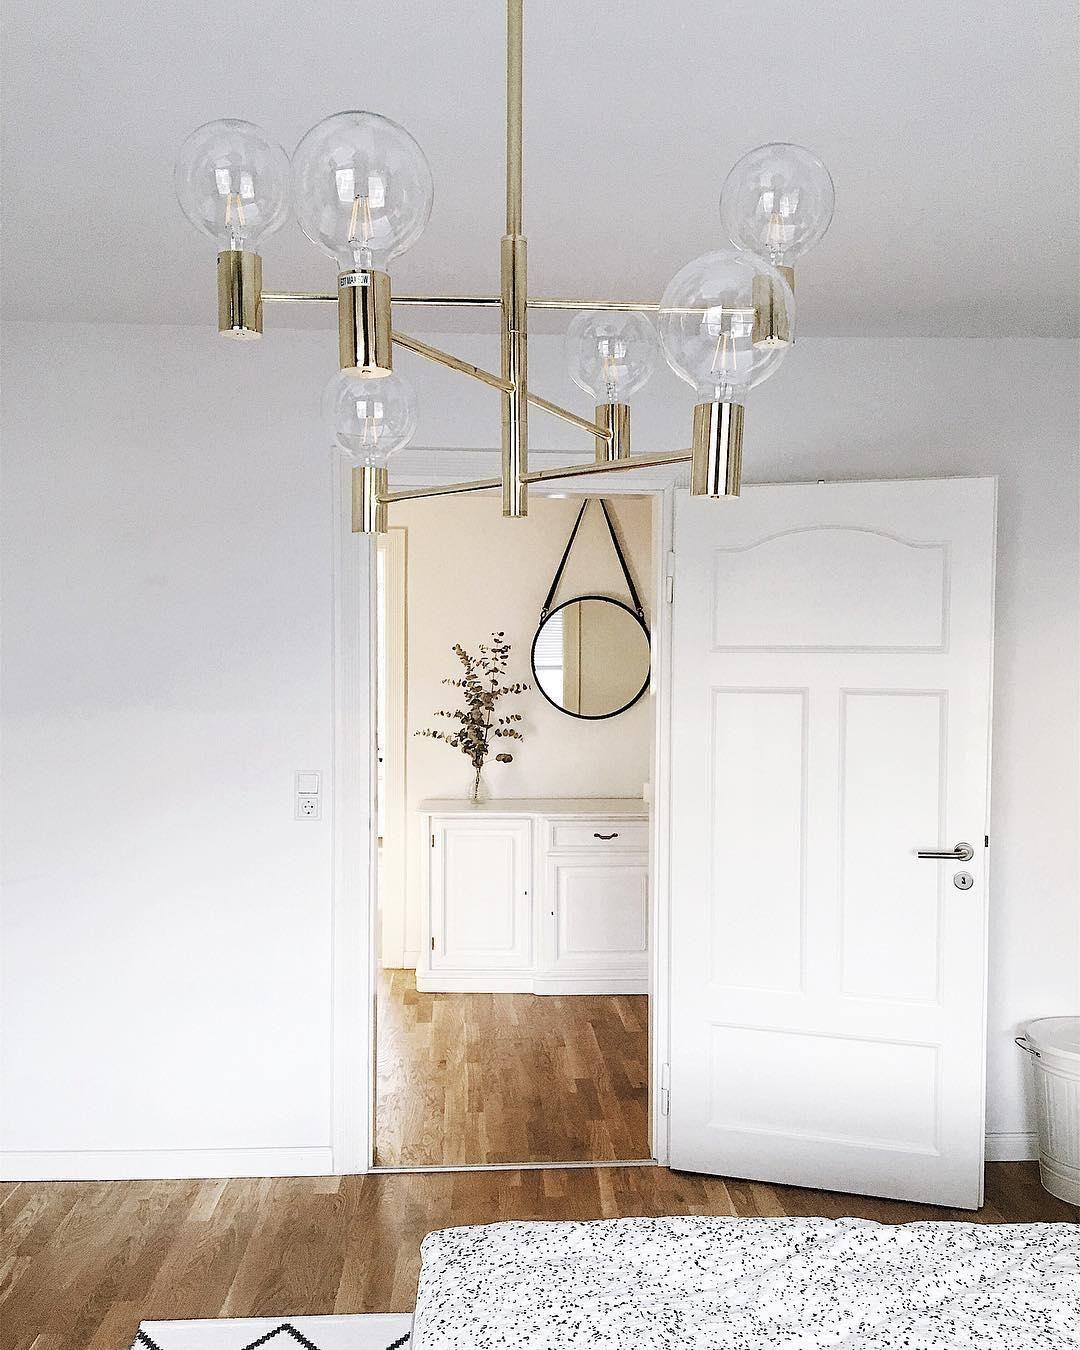 Große Pendelleuchte Capital In Messing Westwingnow Wohnzimmer Leuchte Lampe Gold Pendelleuchte Wohnzimmer